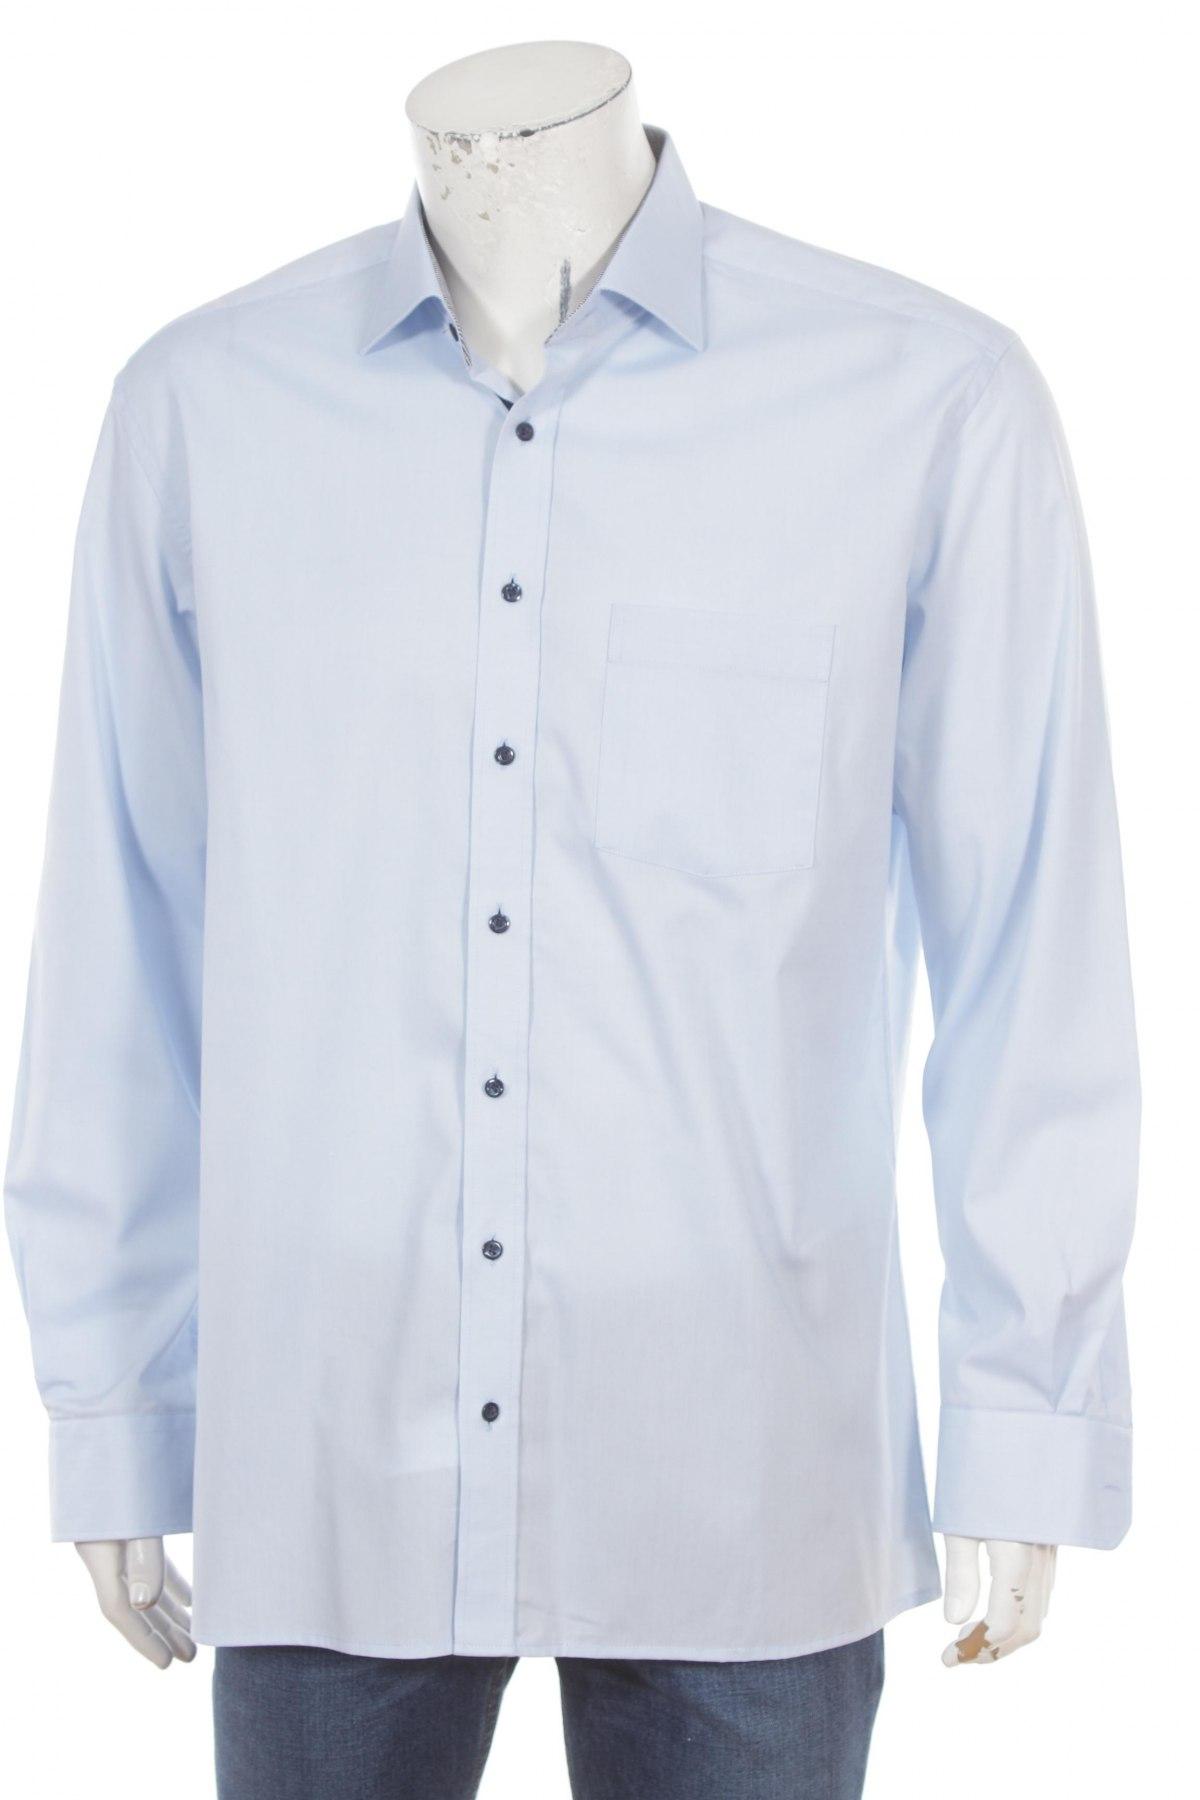 2c41c41c42da Pánska košeľa Eterna - za výhodnú cenu na Remix -  100605461